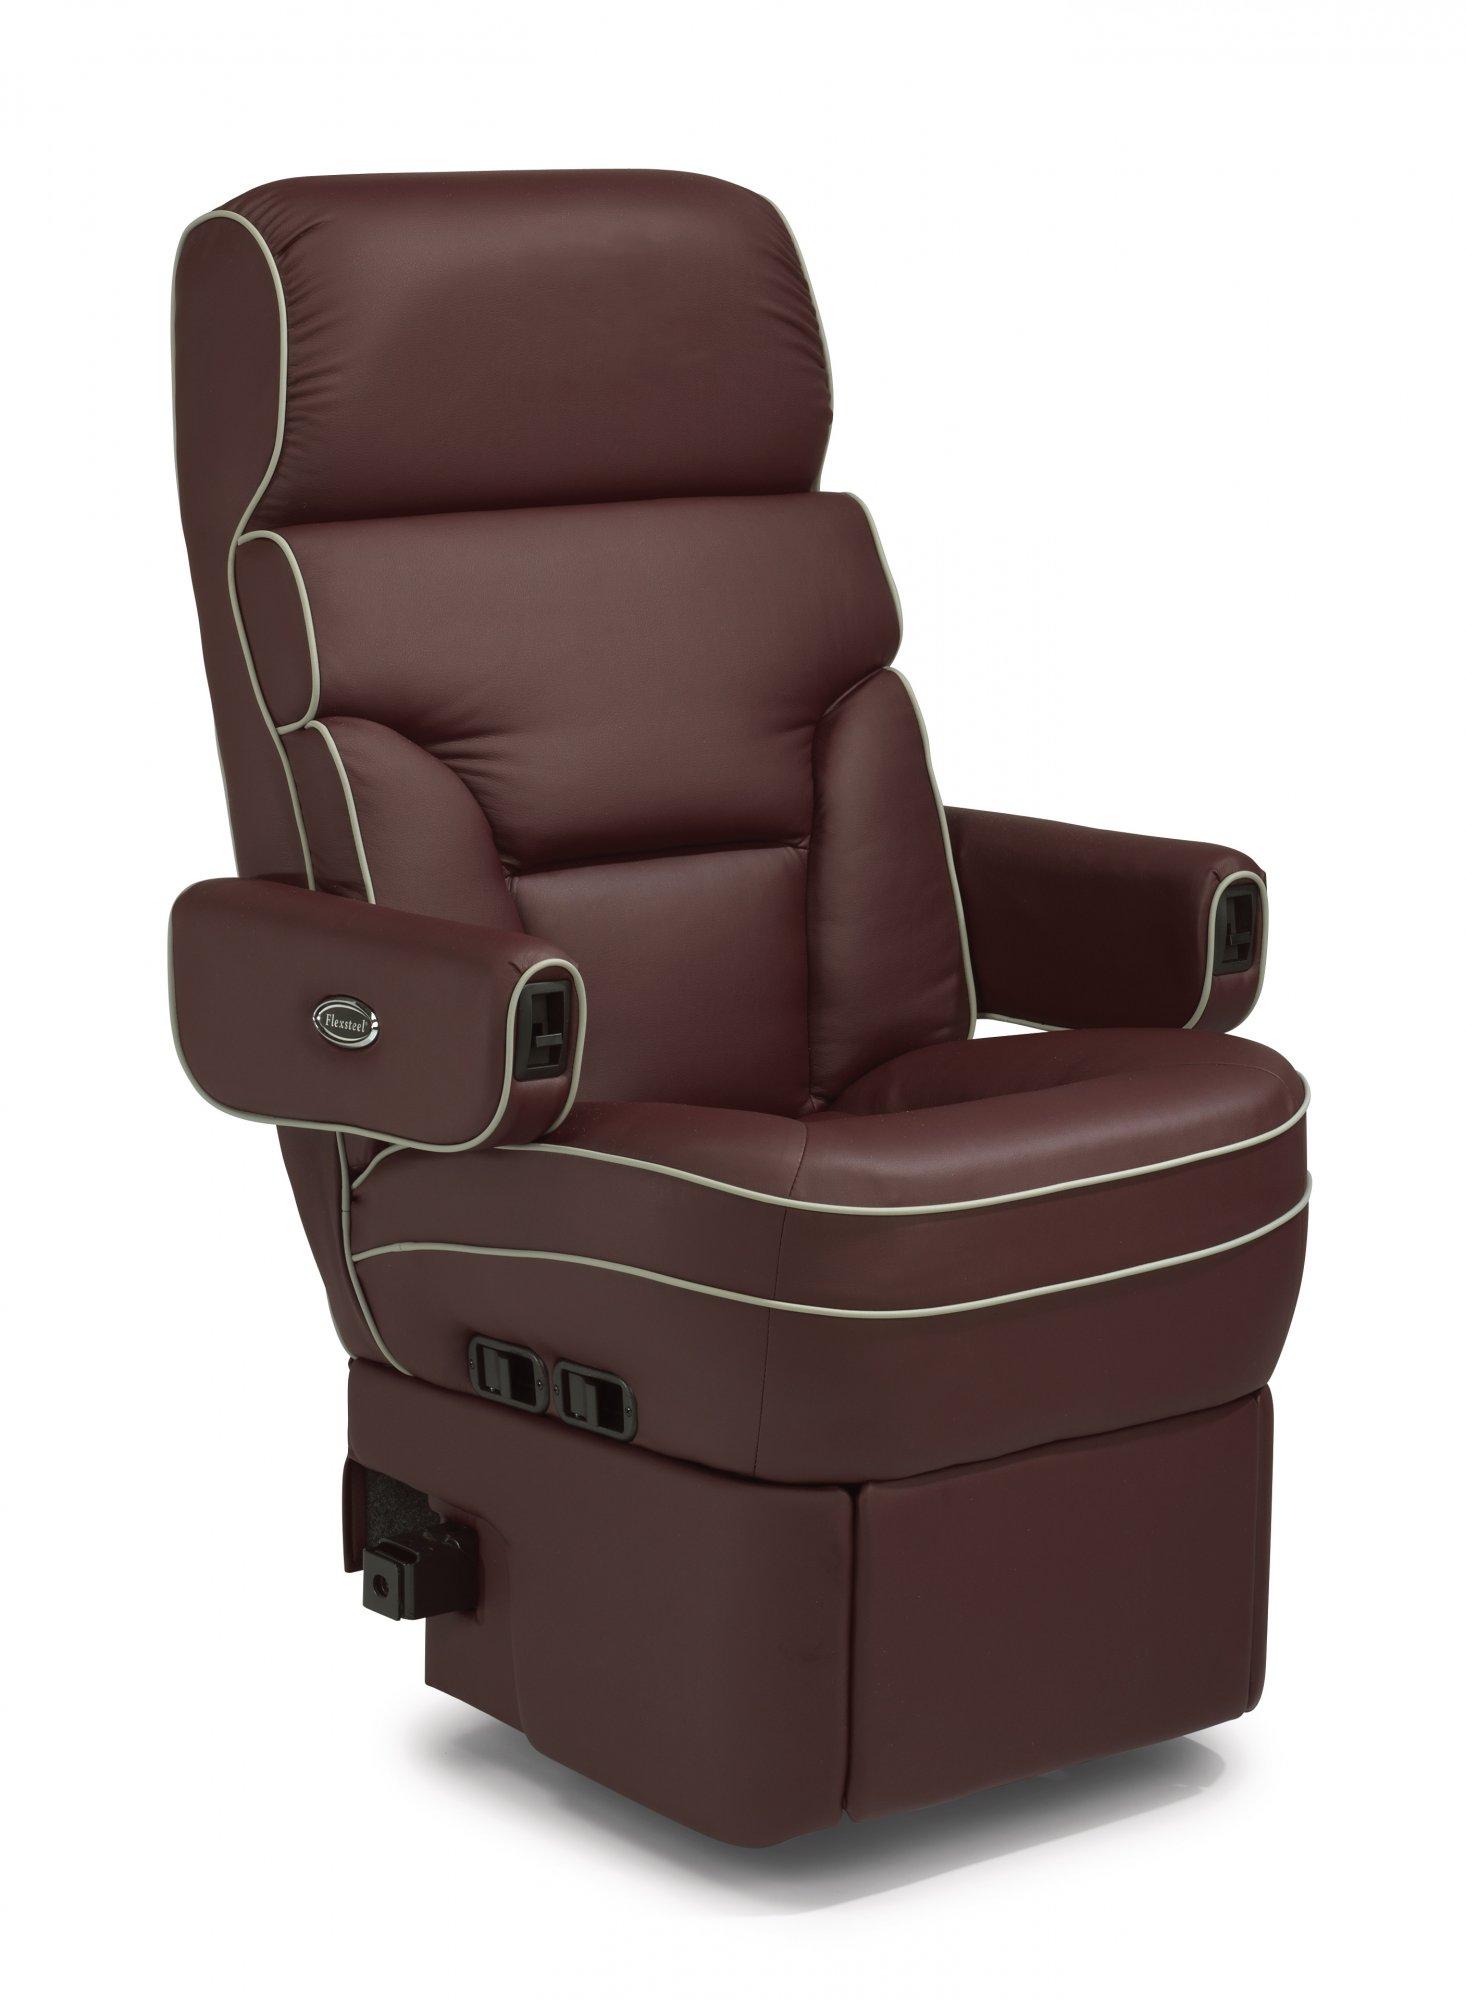 Motor Home Bucket Seat Class A